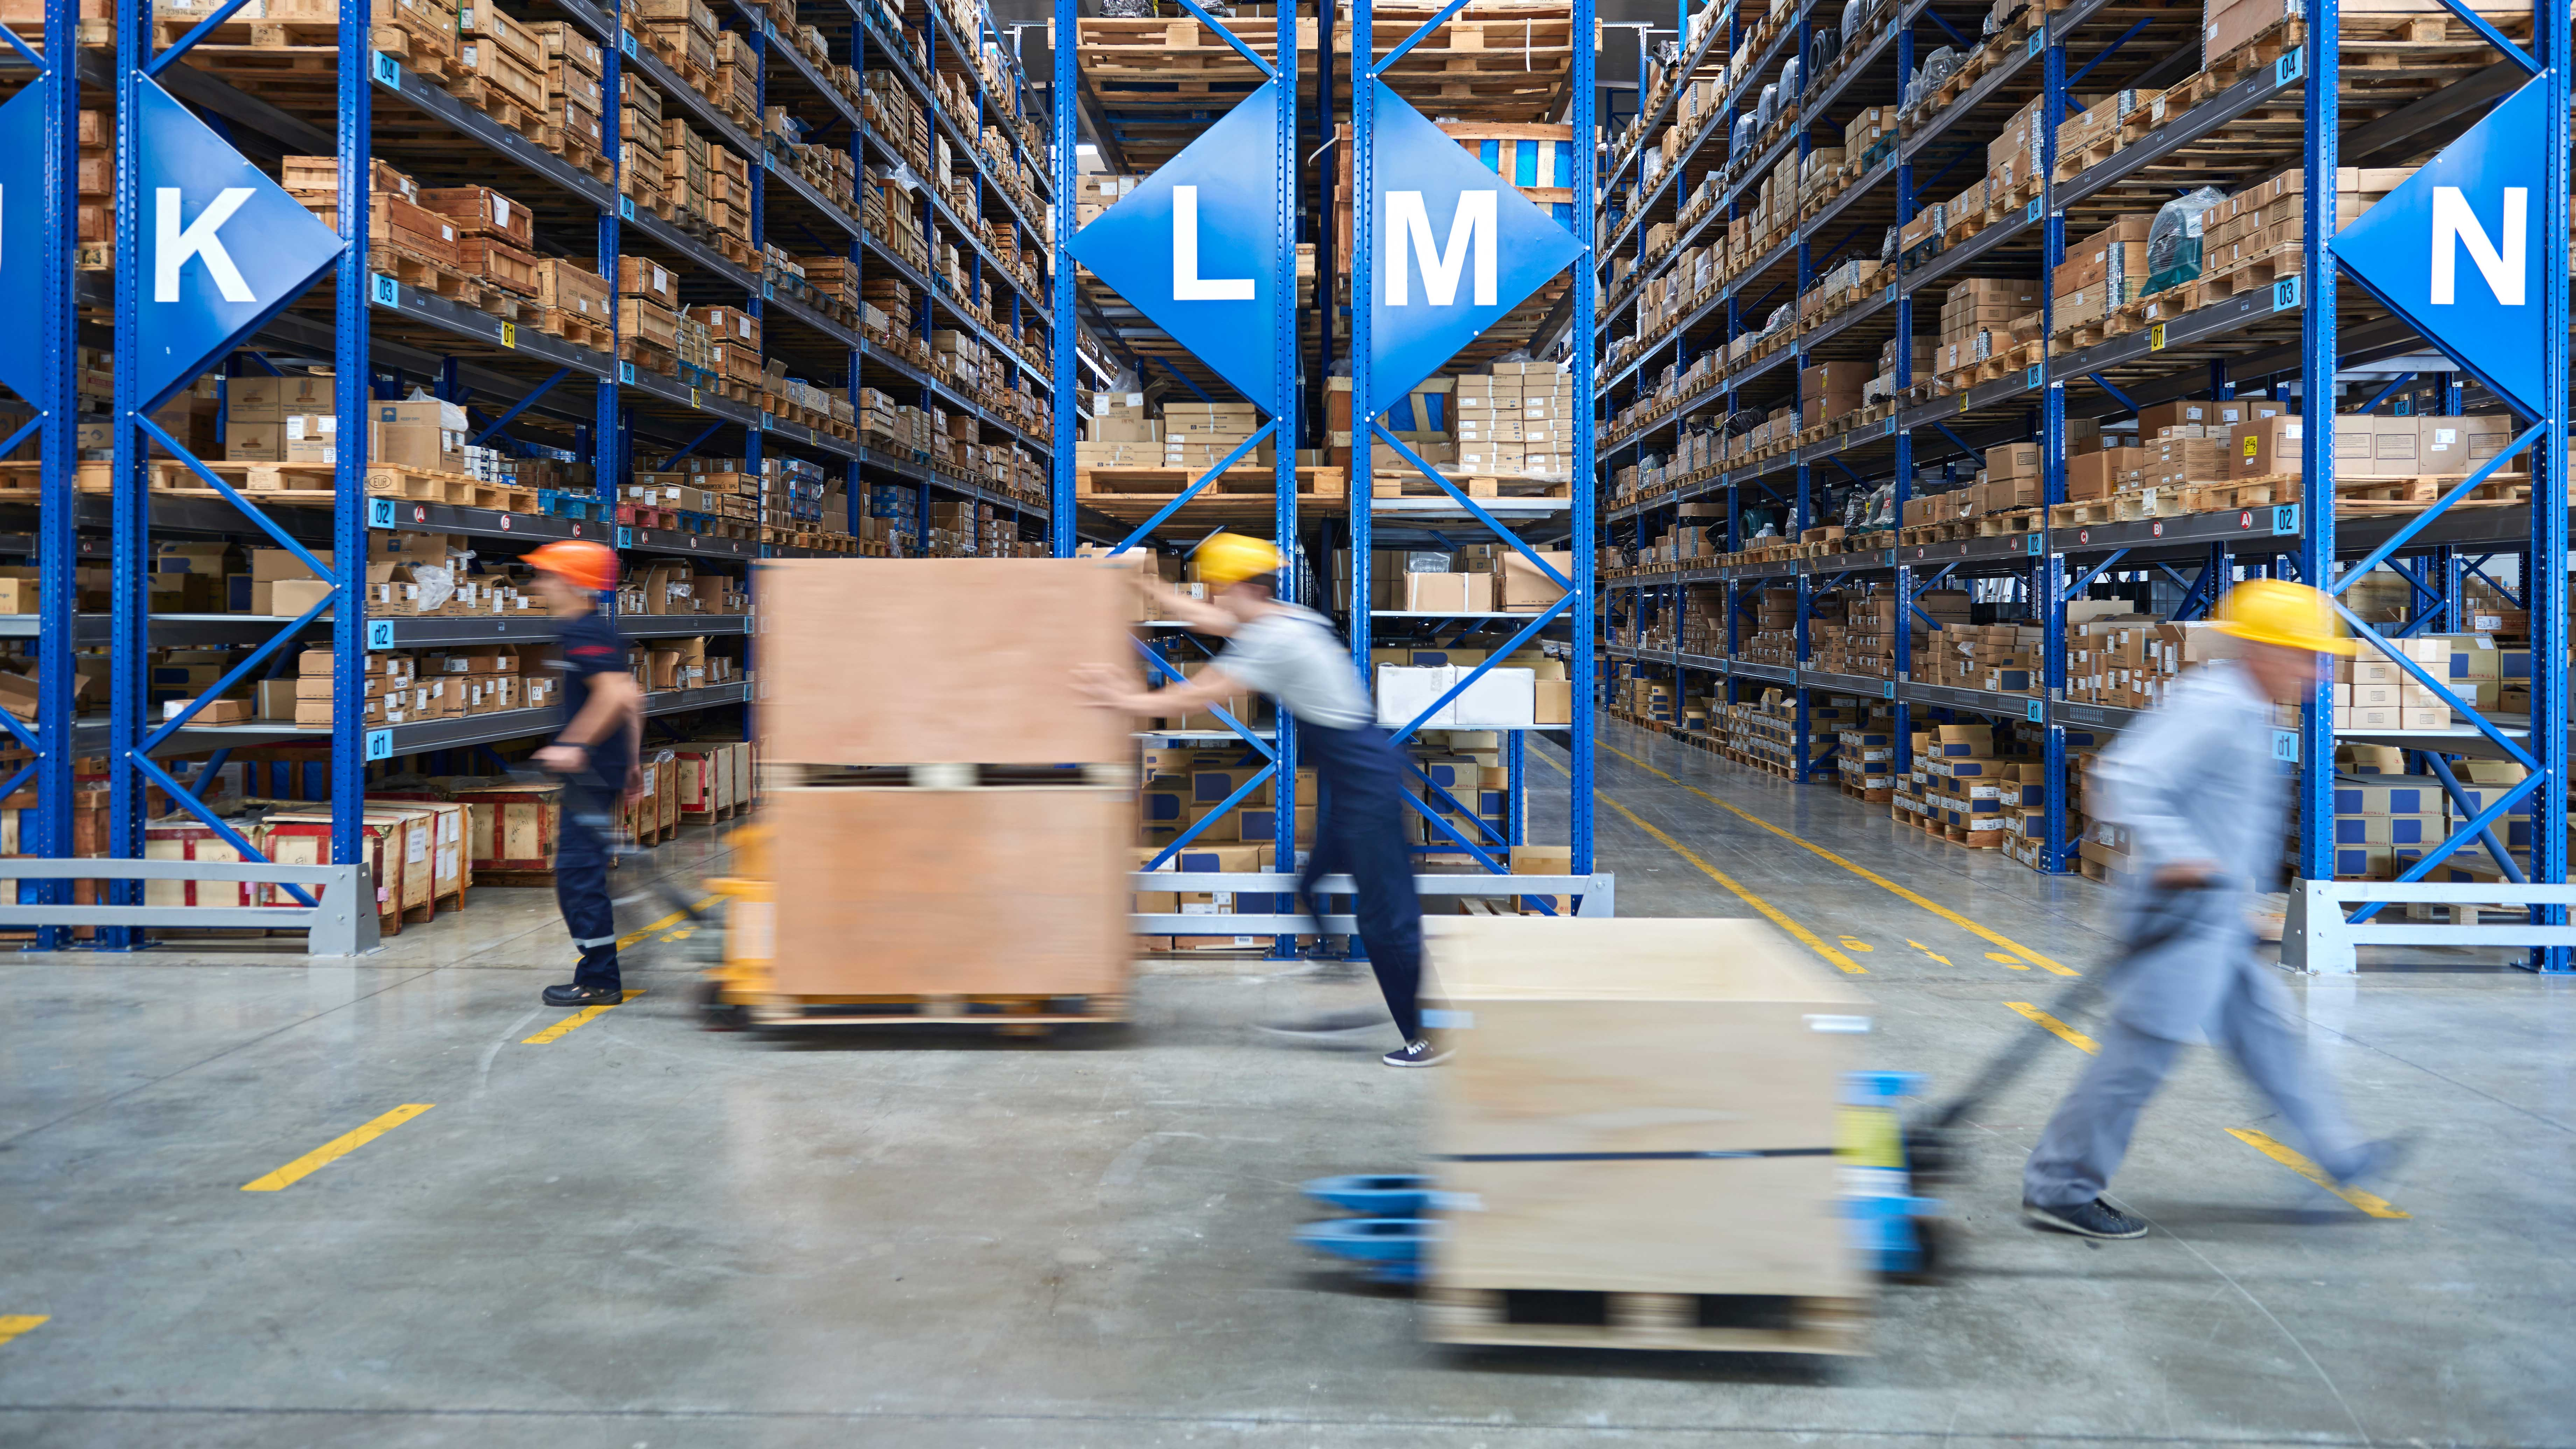 Arbeitsmarkt- und Wachstumspotenziale liegen brach